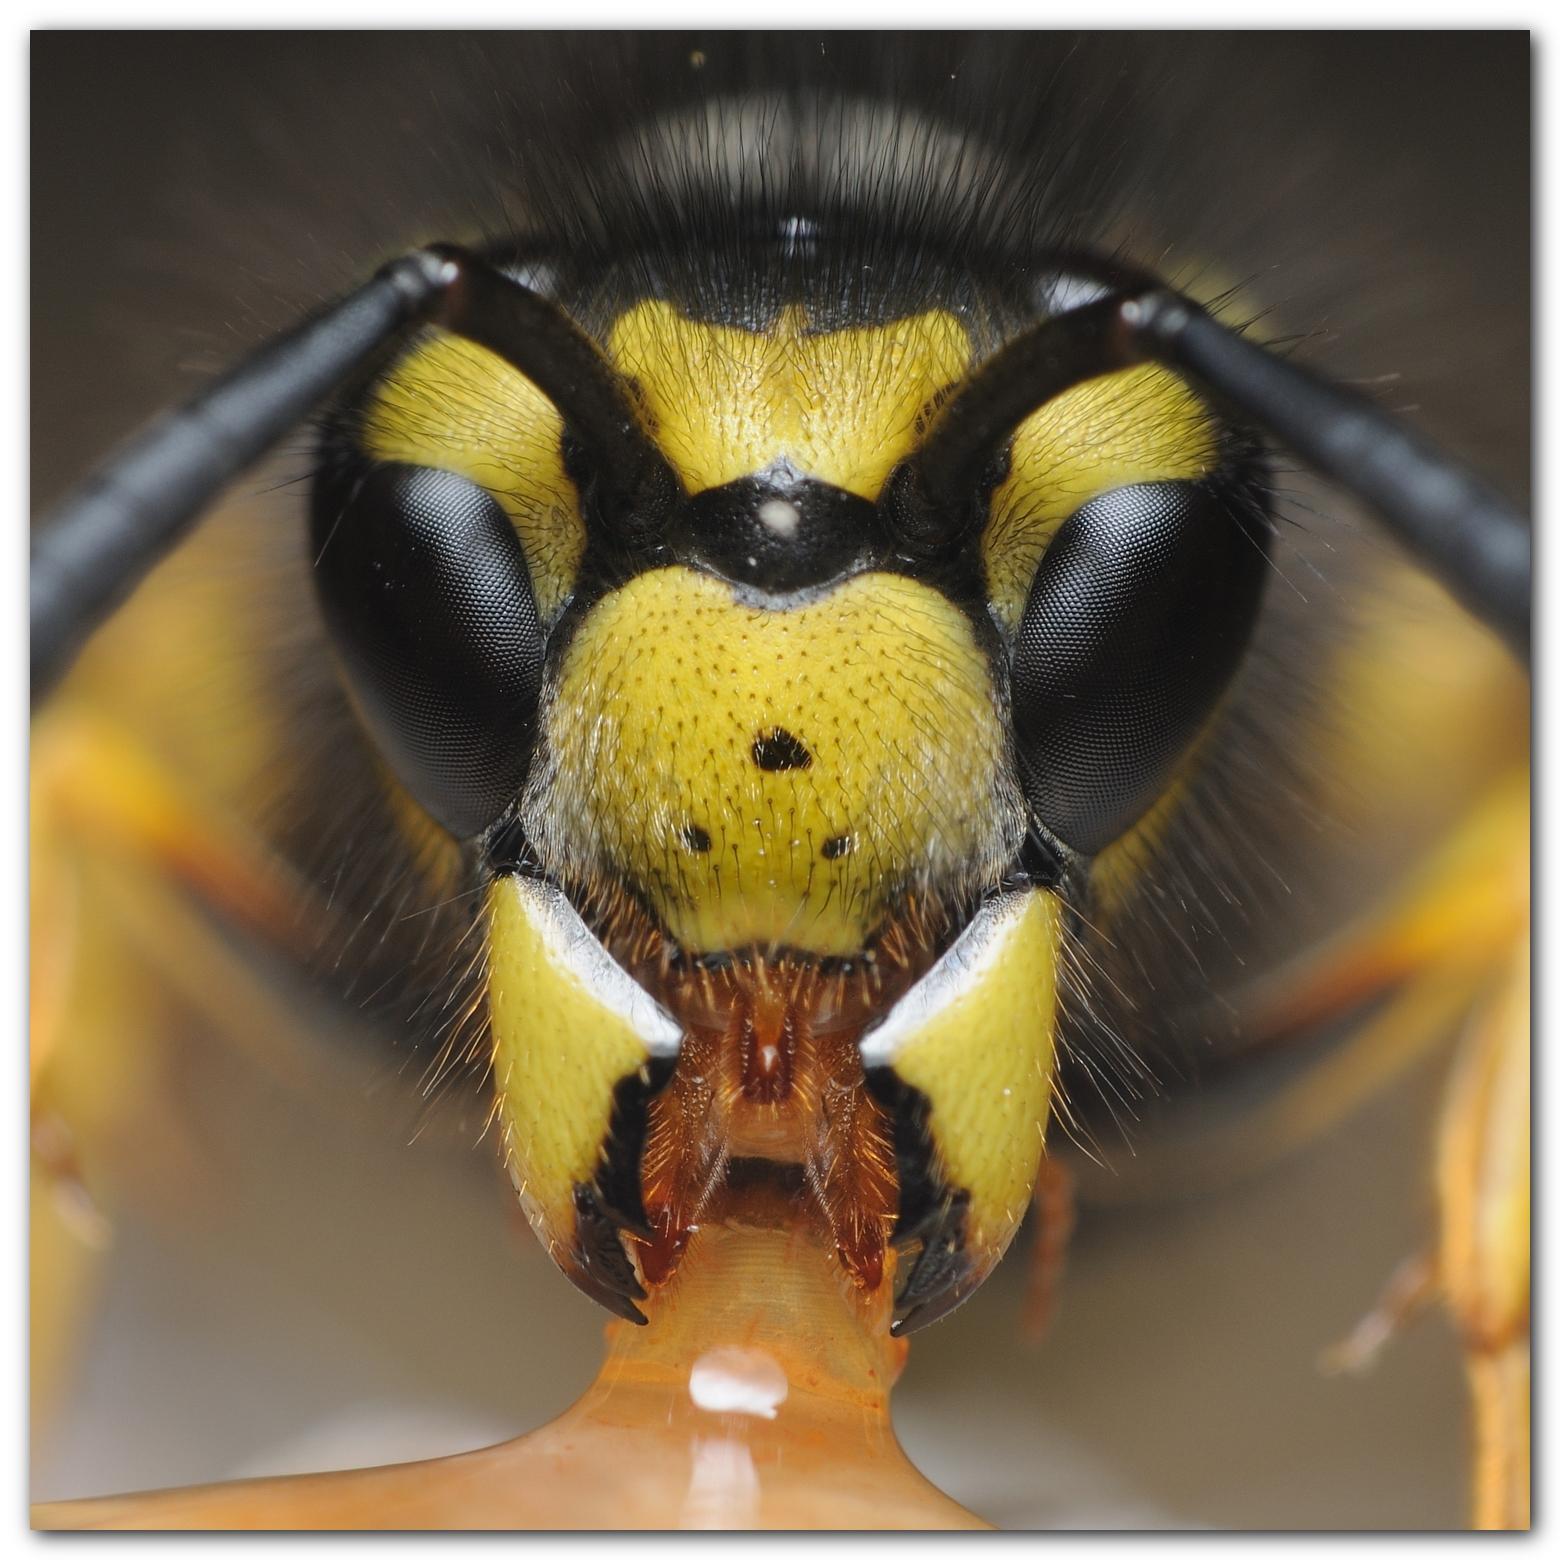 Close wasp photo